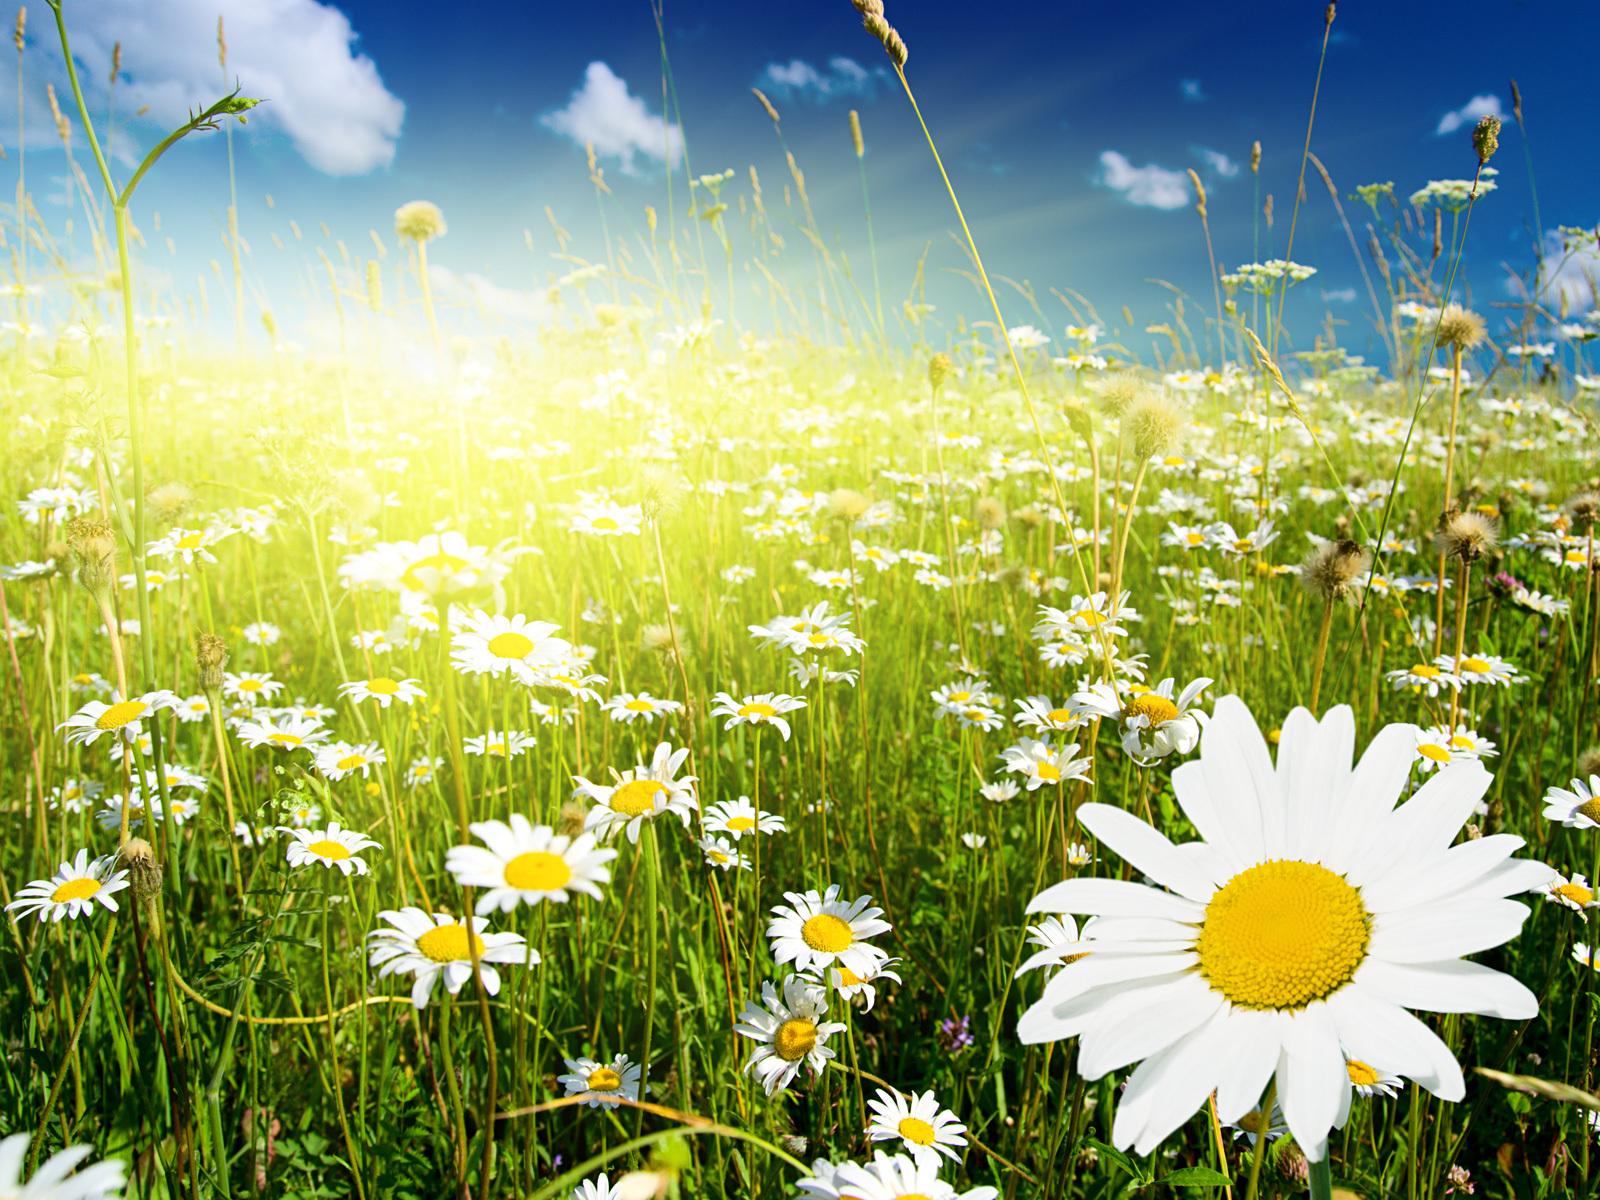 17993 скачать обои Растения, Цветы, Трава, Ромашки - заставки и картинки бесплатно